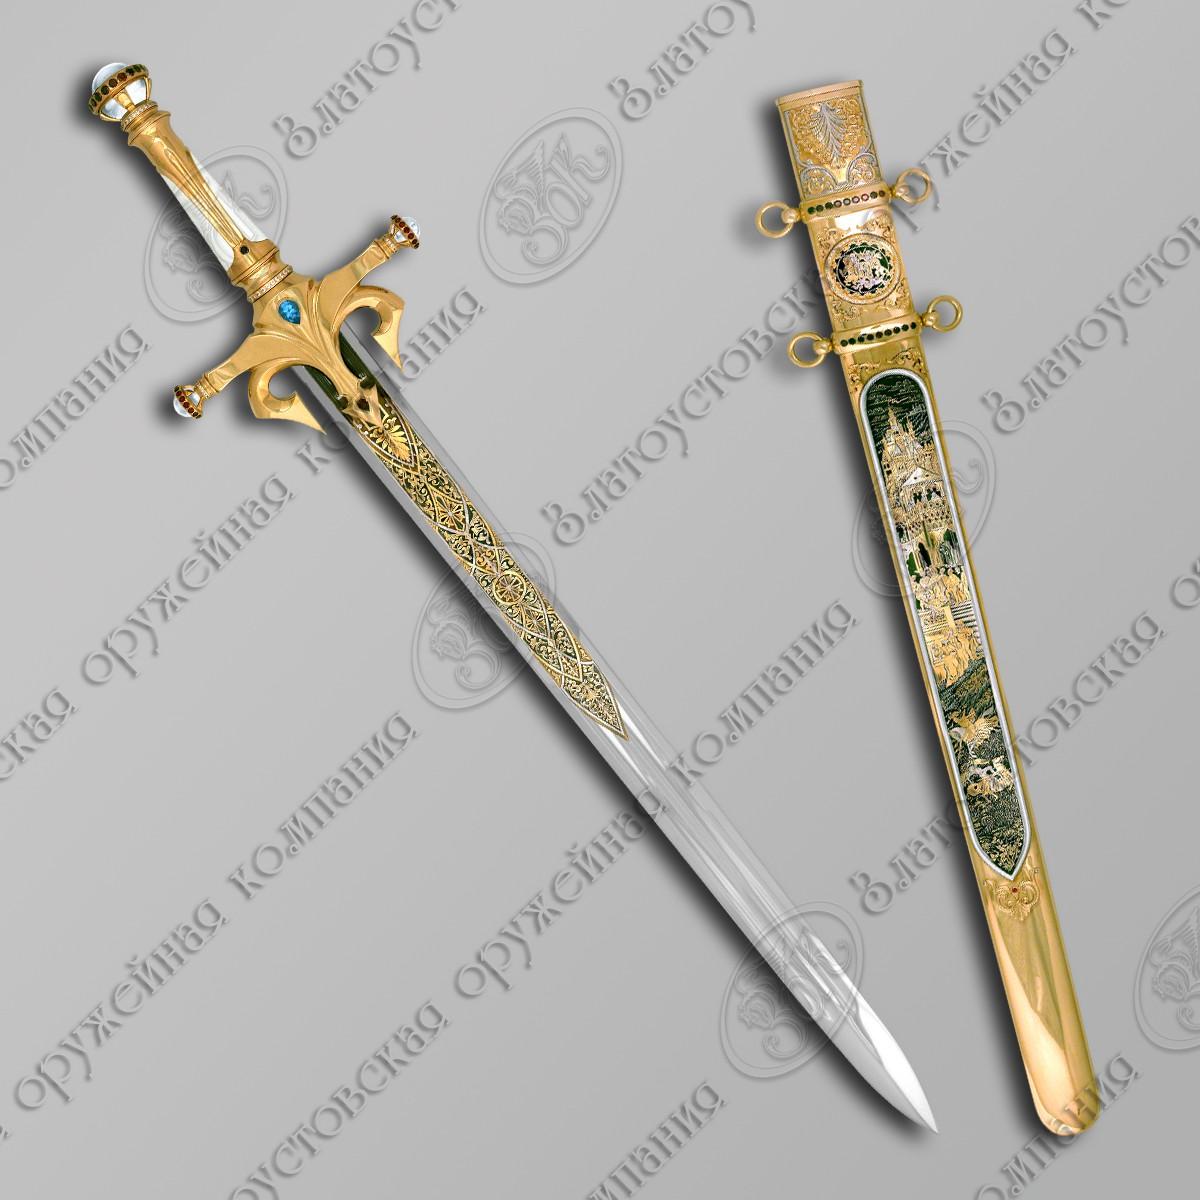 клинок меча фото